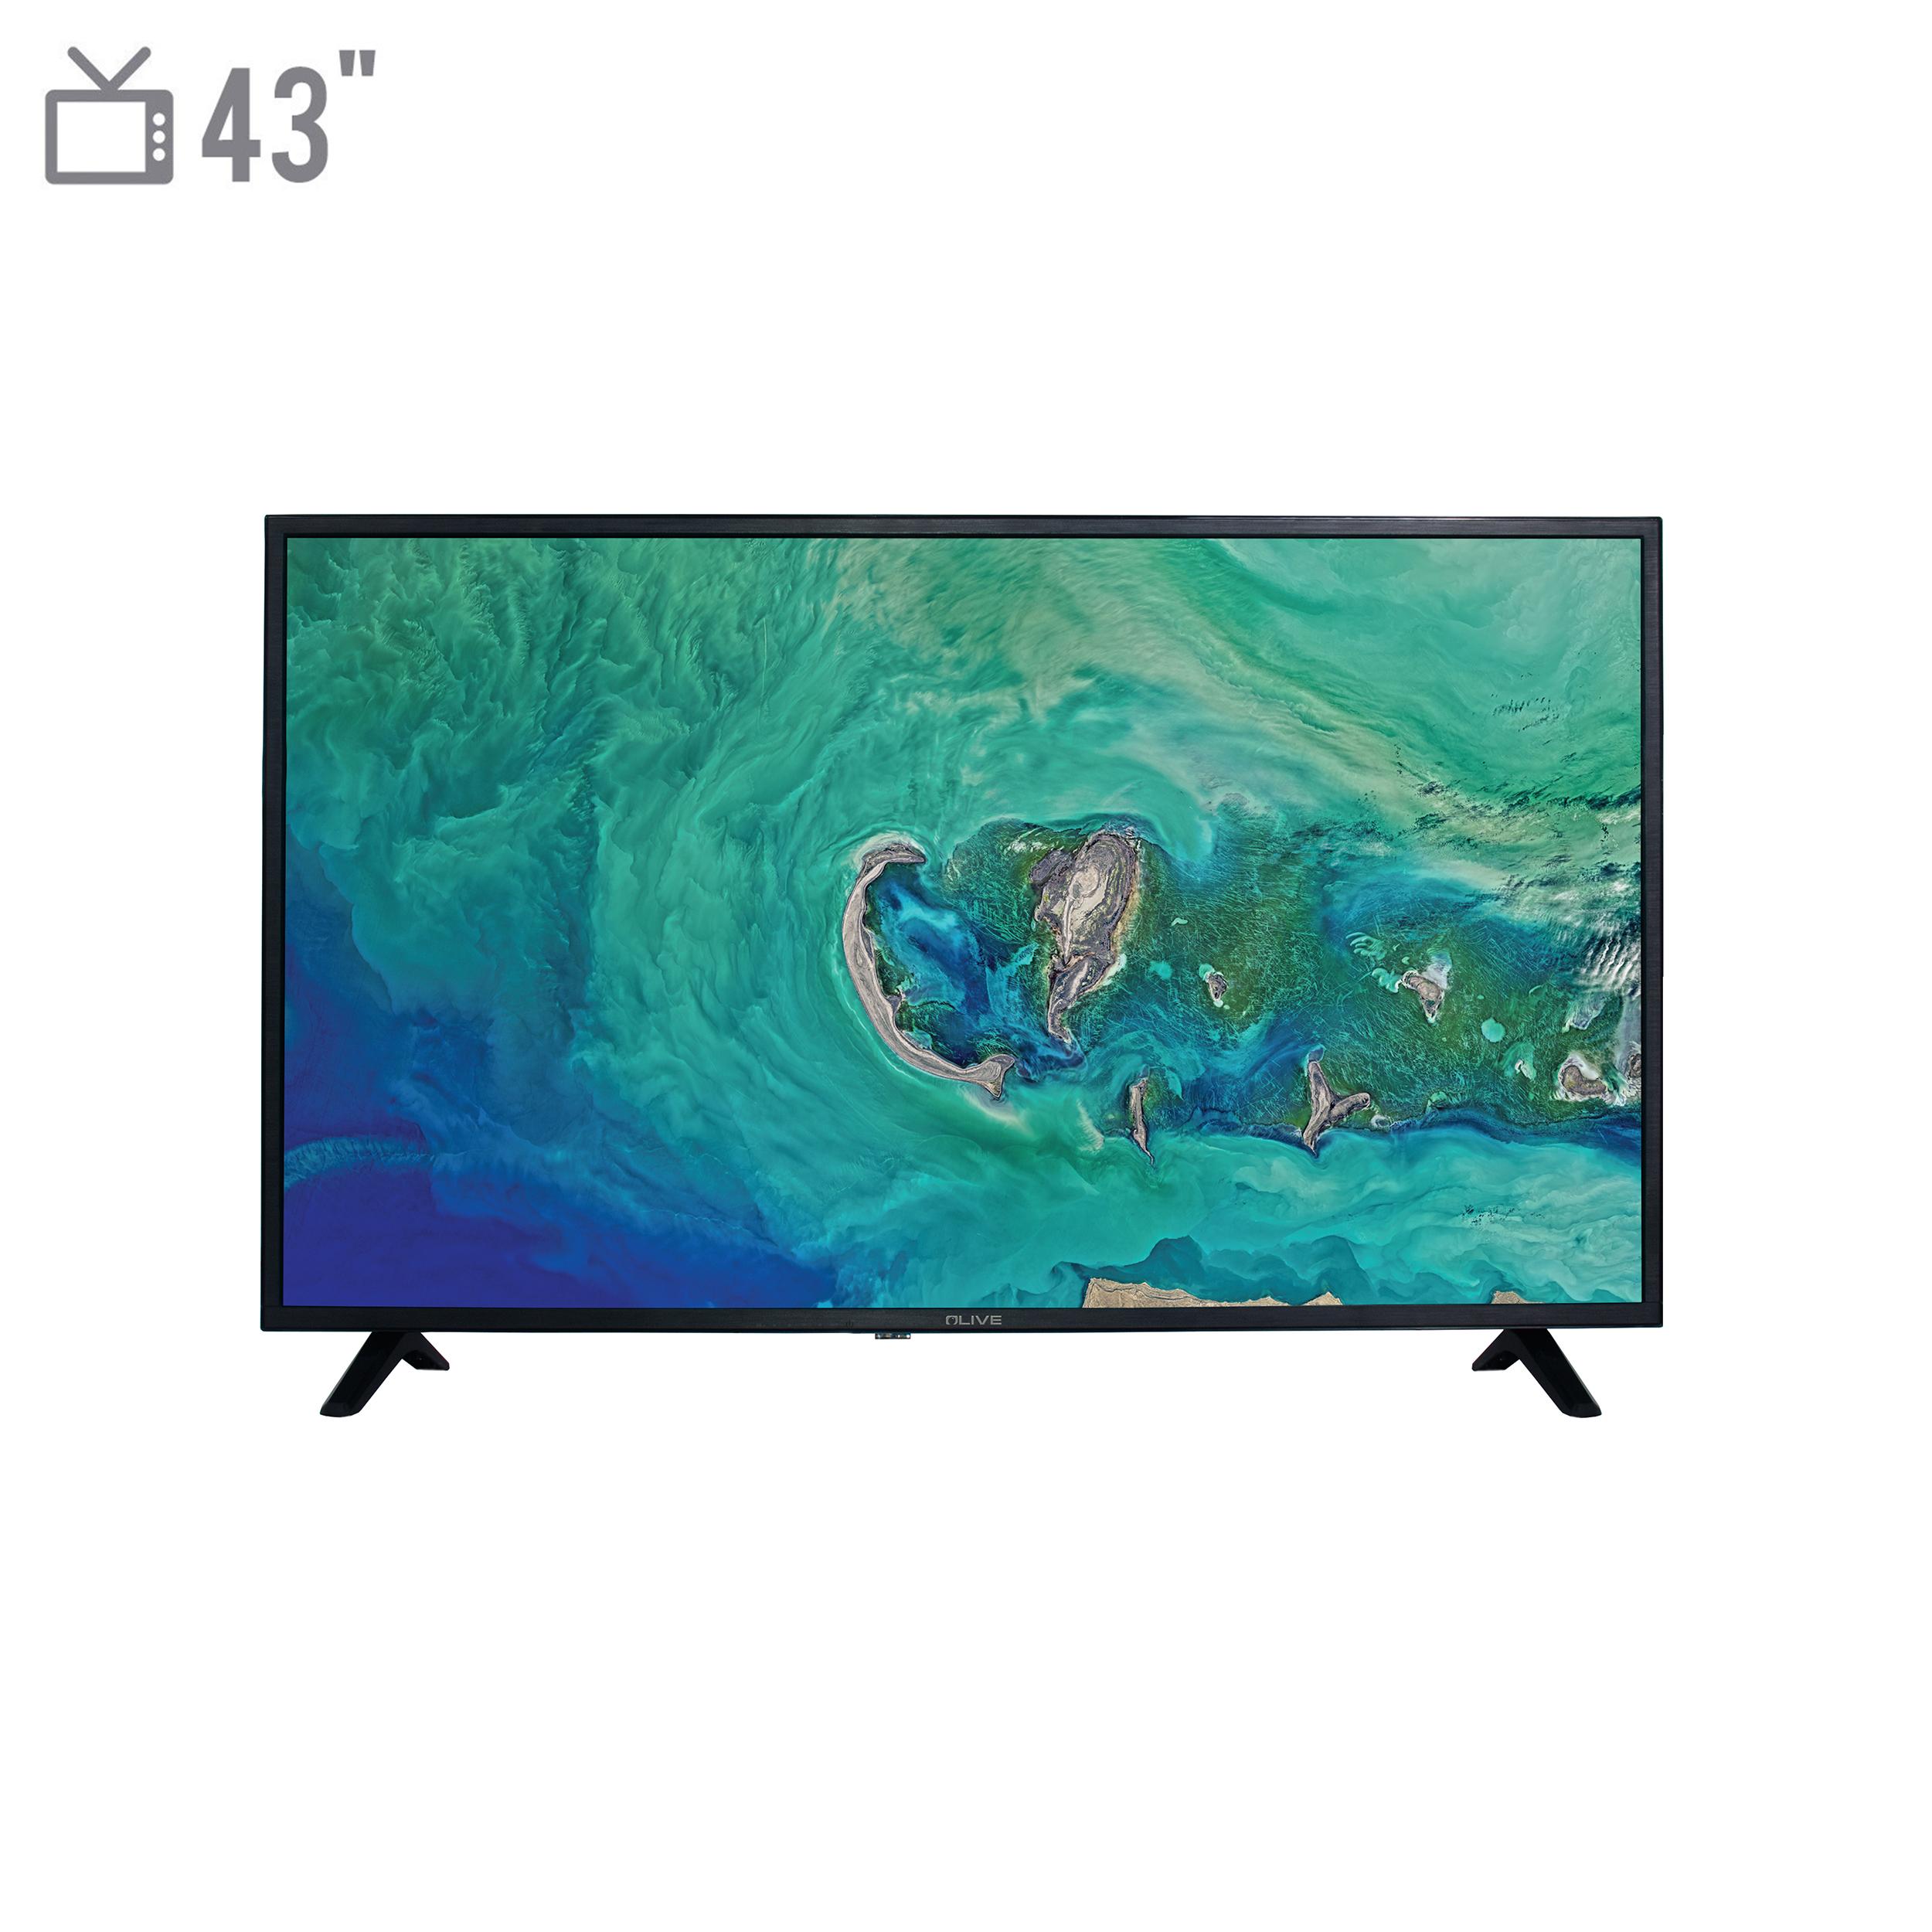 تلويزيون ال ای دی الیو مدل 43FD4410 سایز 43 اینچ